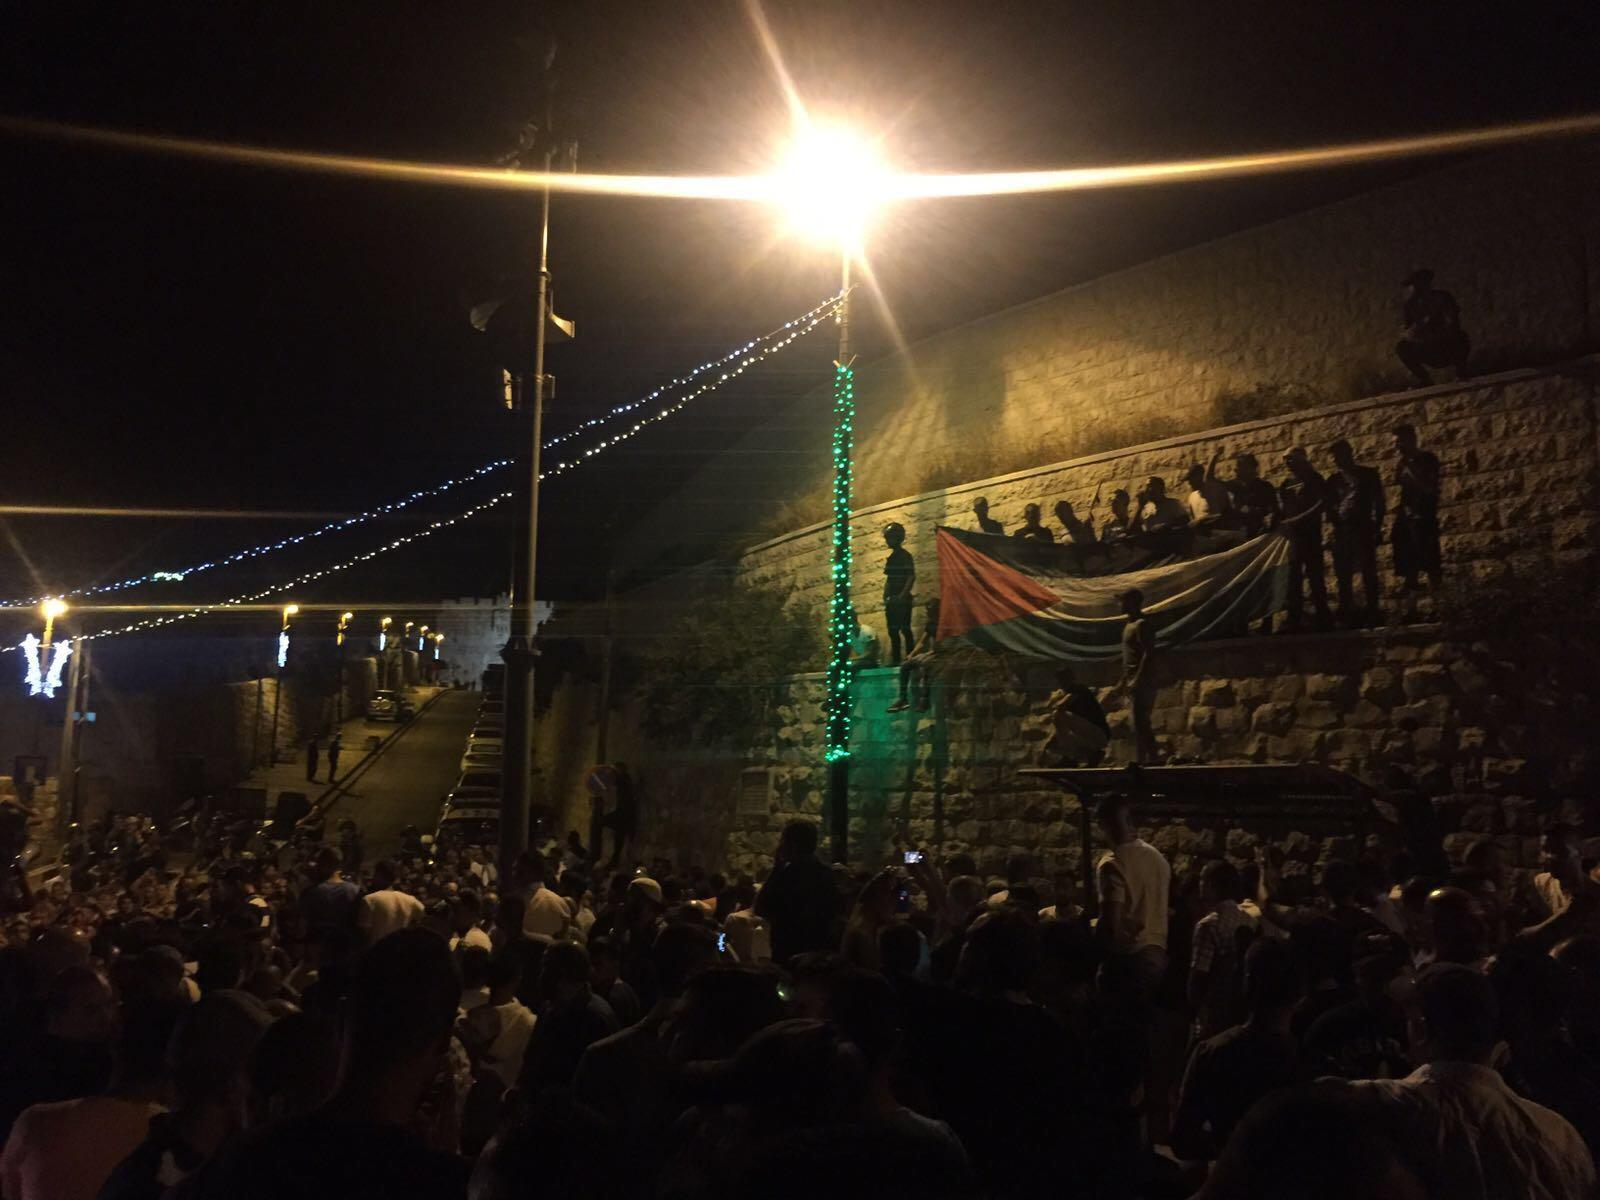 قوّات الاحتلال تزيل المسارات الحديديّة من محيط المسجد الأقصى